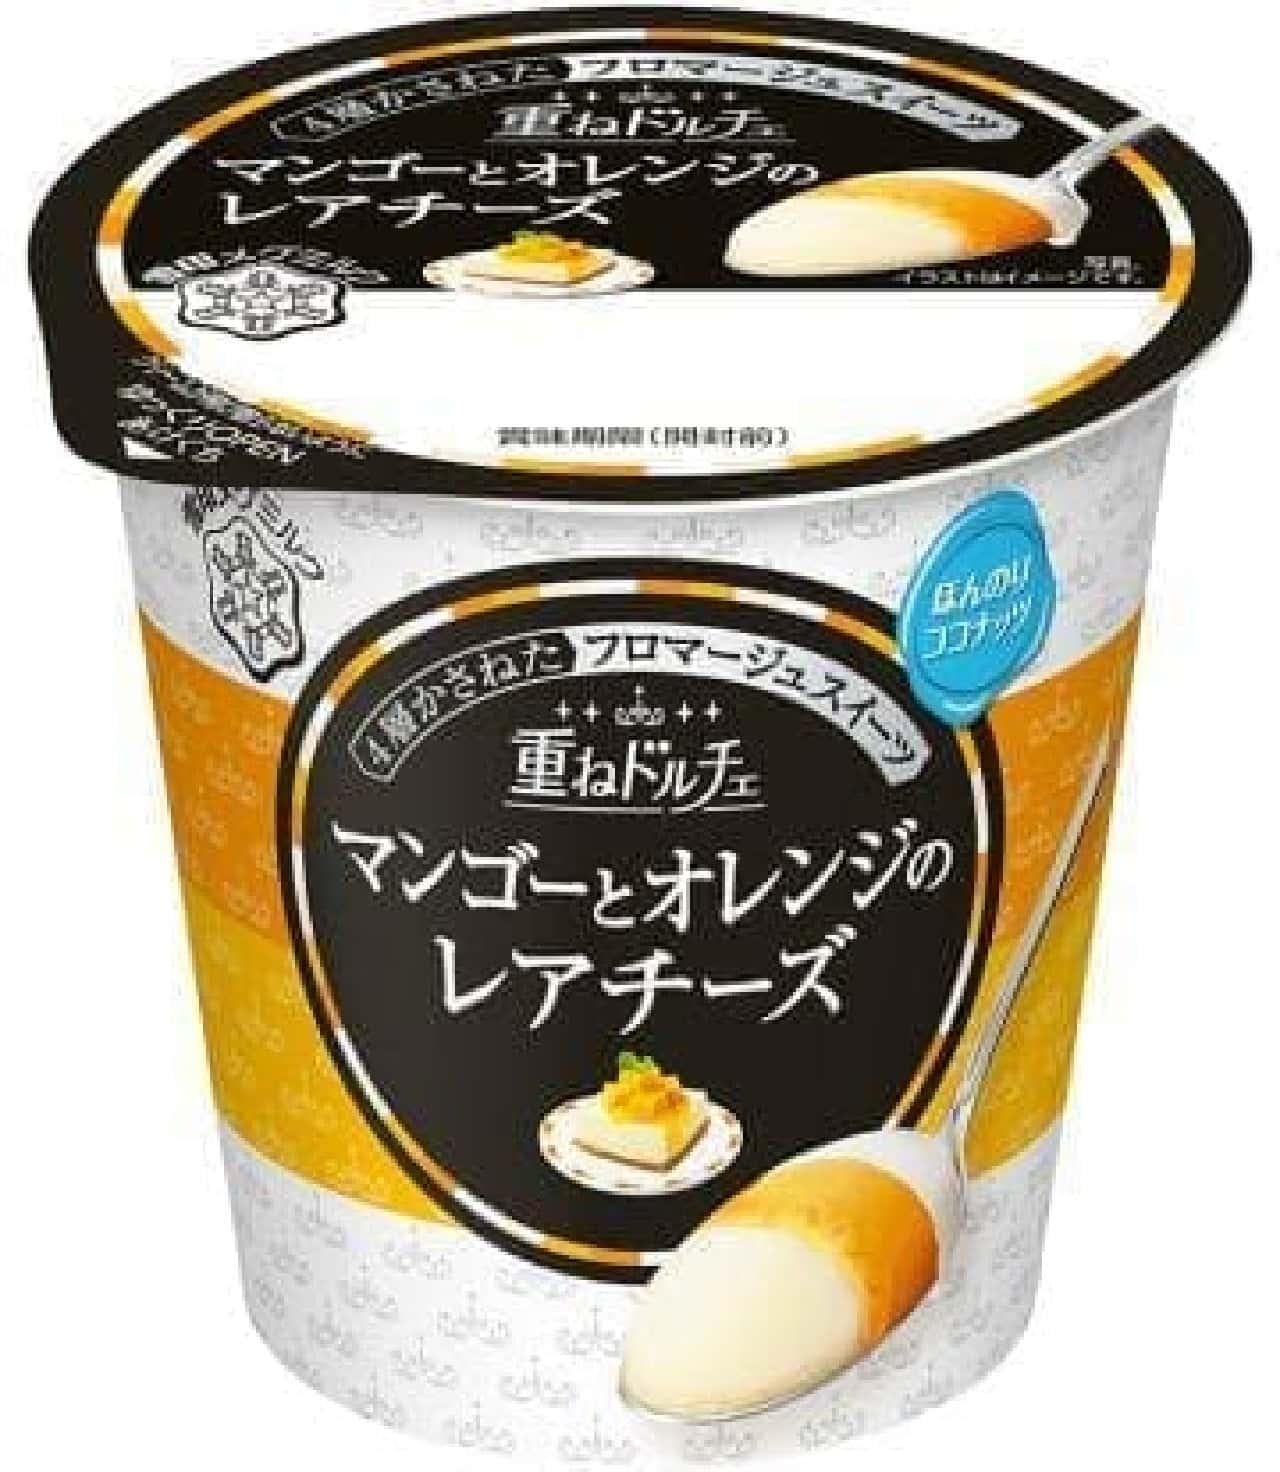 雪印メグミルク「重ねドルチェマンゴーとオレンジのレアチーズ」